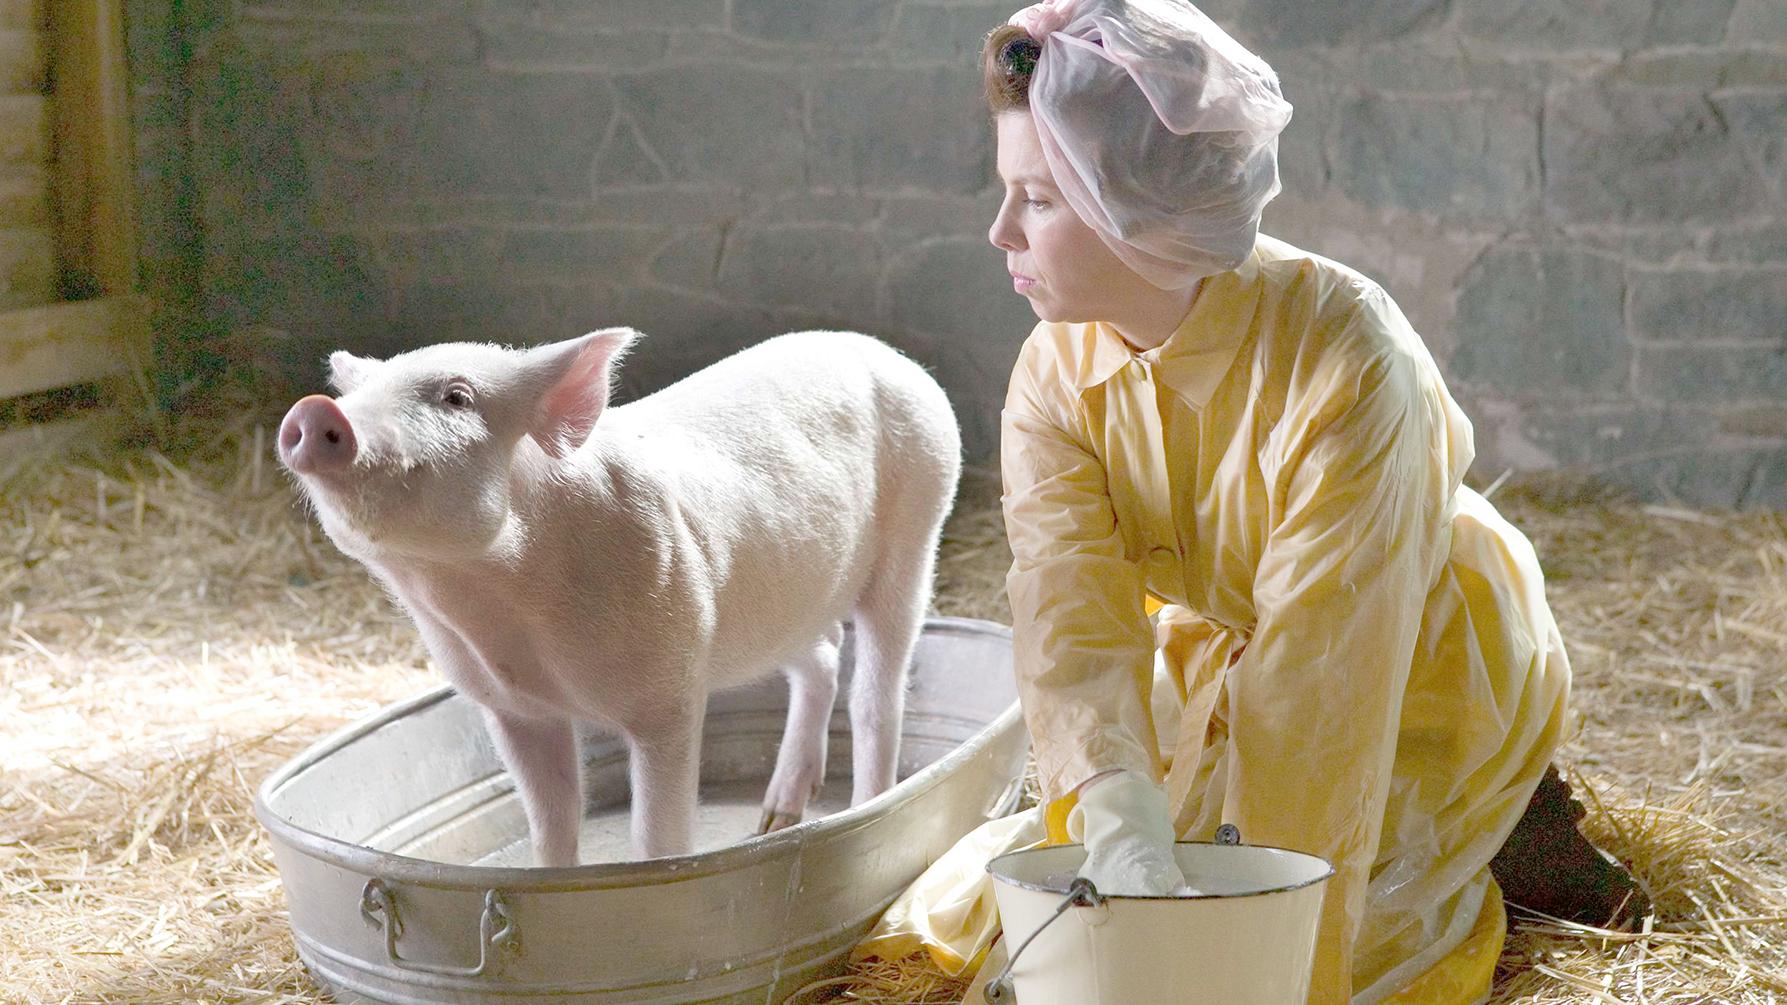 一头小猪,害怕自己被做成熏肉,努力活成了一个奇迹!速看奇幻电影《夏洛特的网》